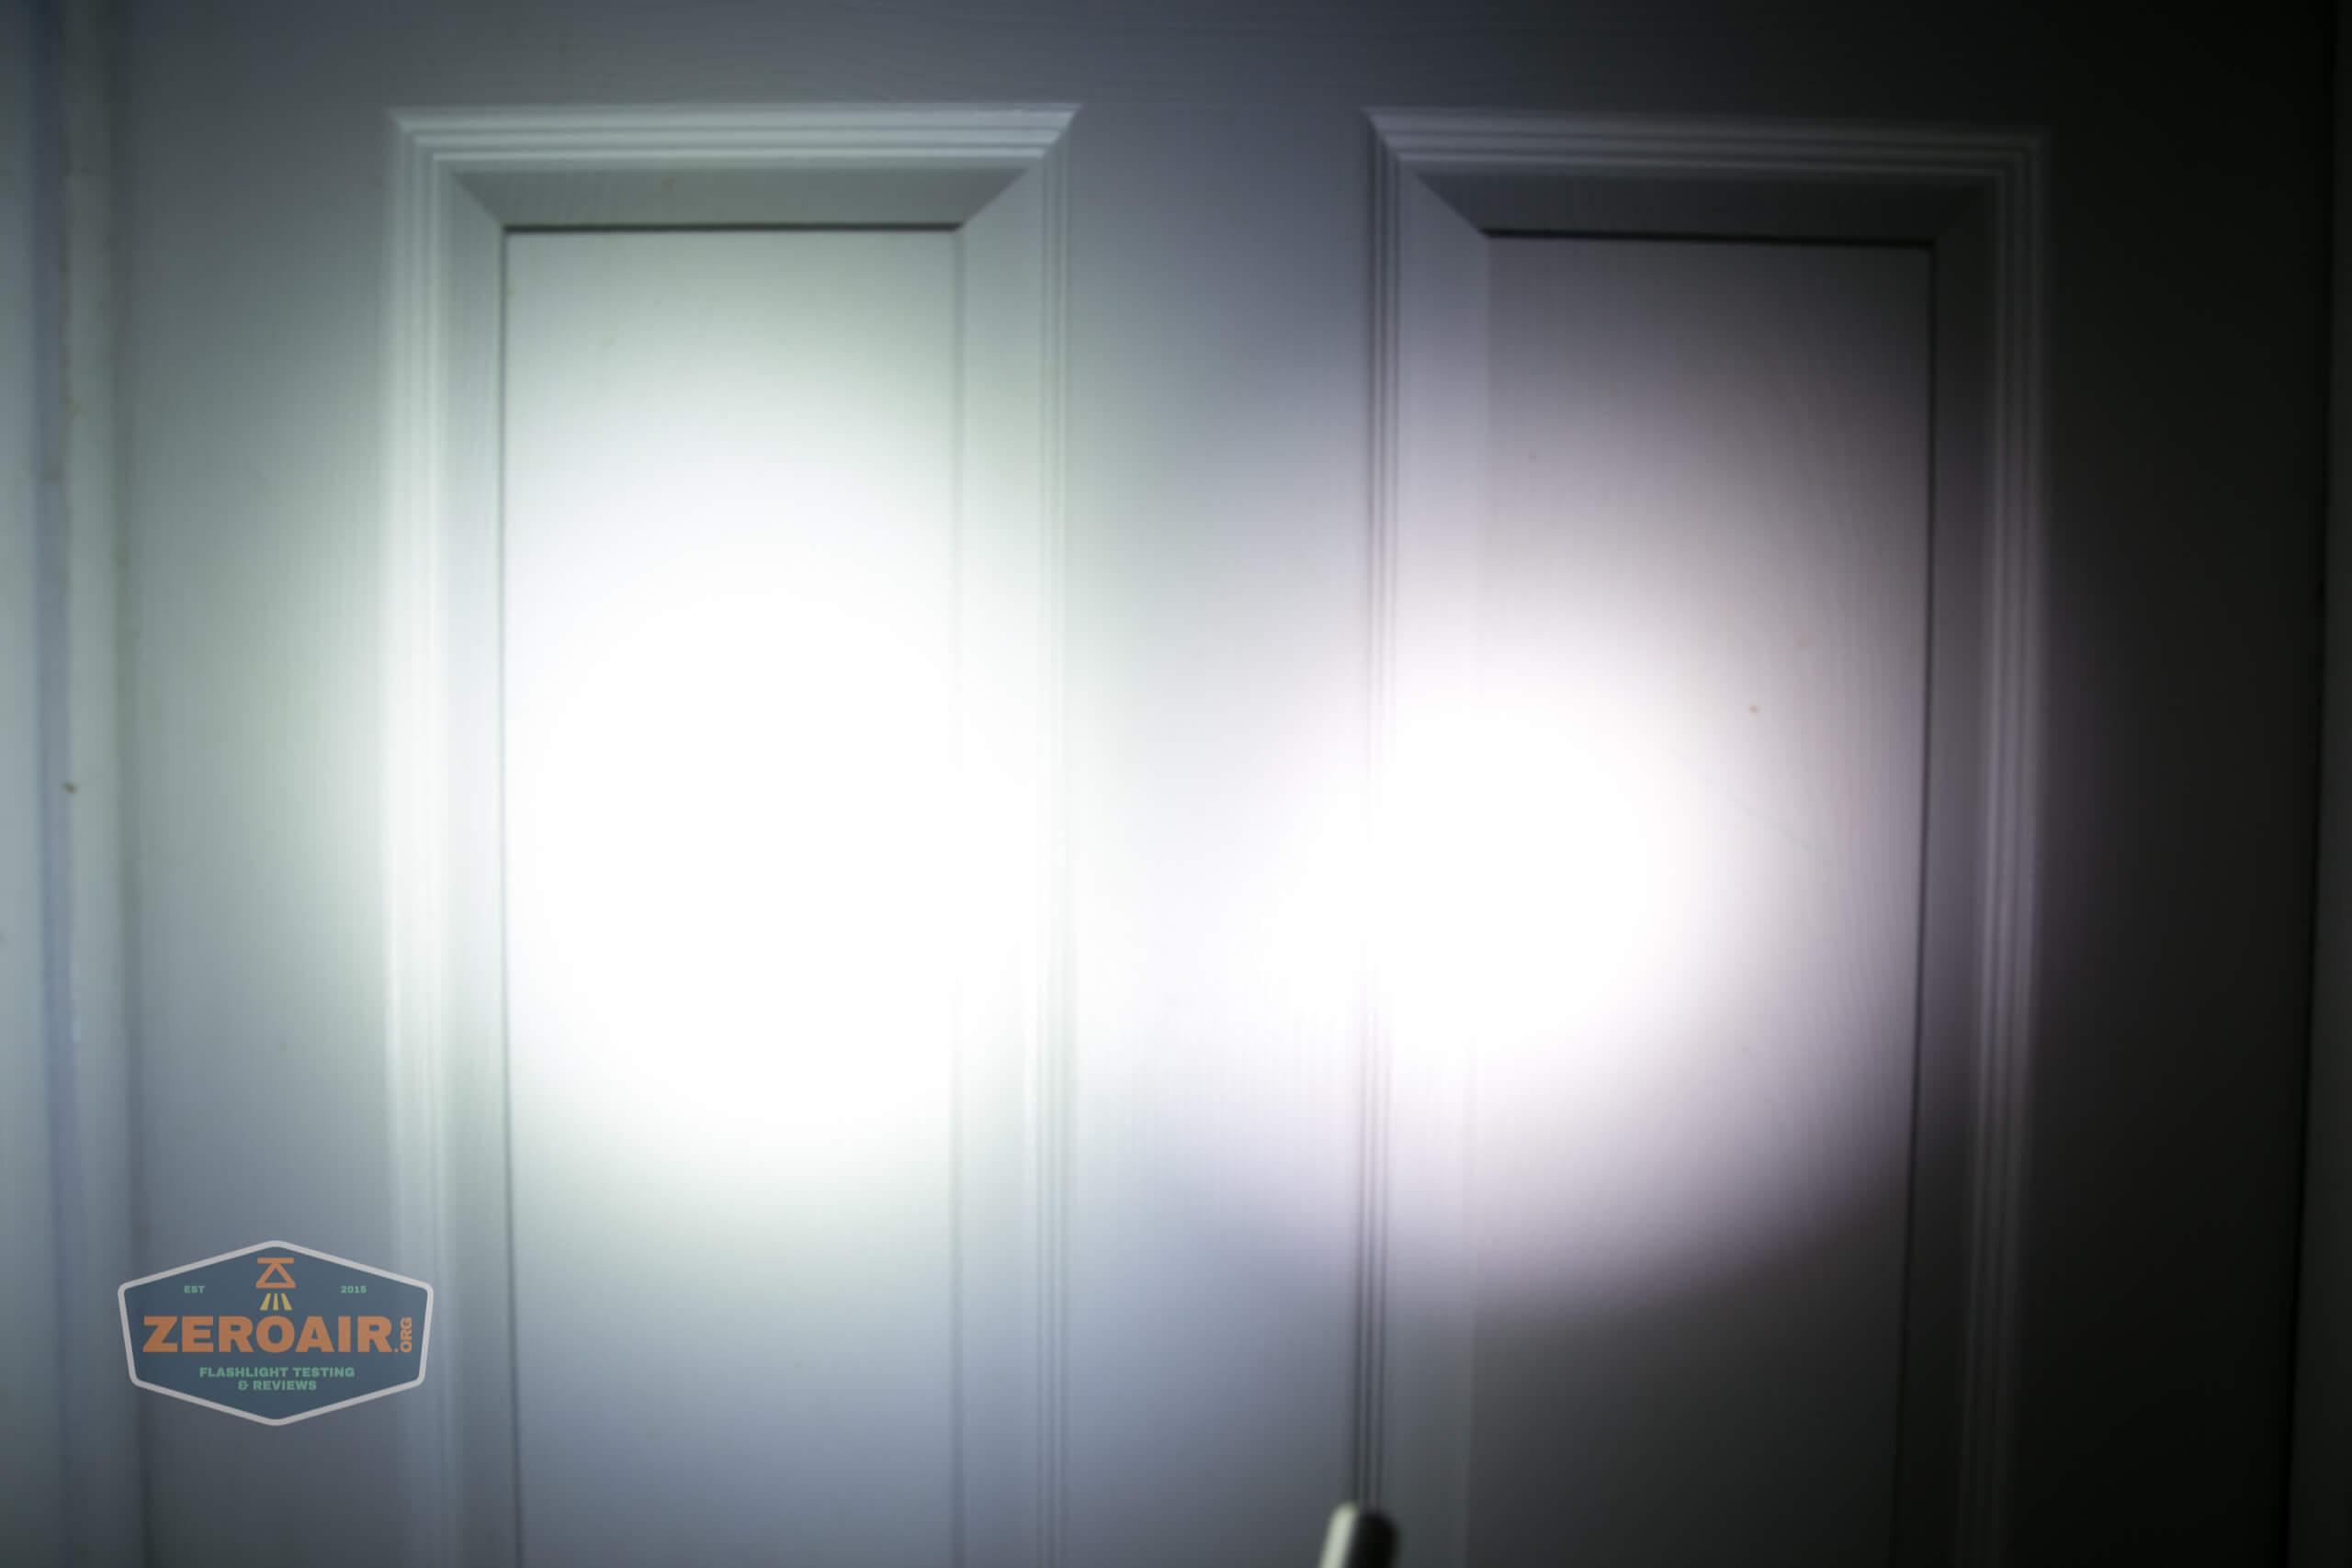 olight perun 2 21700 headlamp orange beamshot door 3